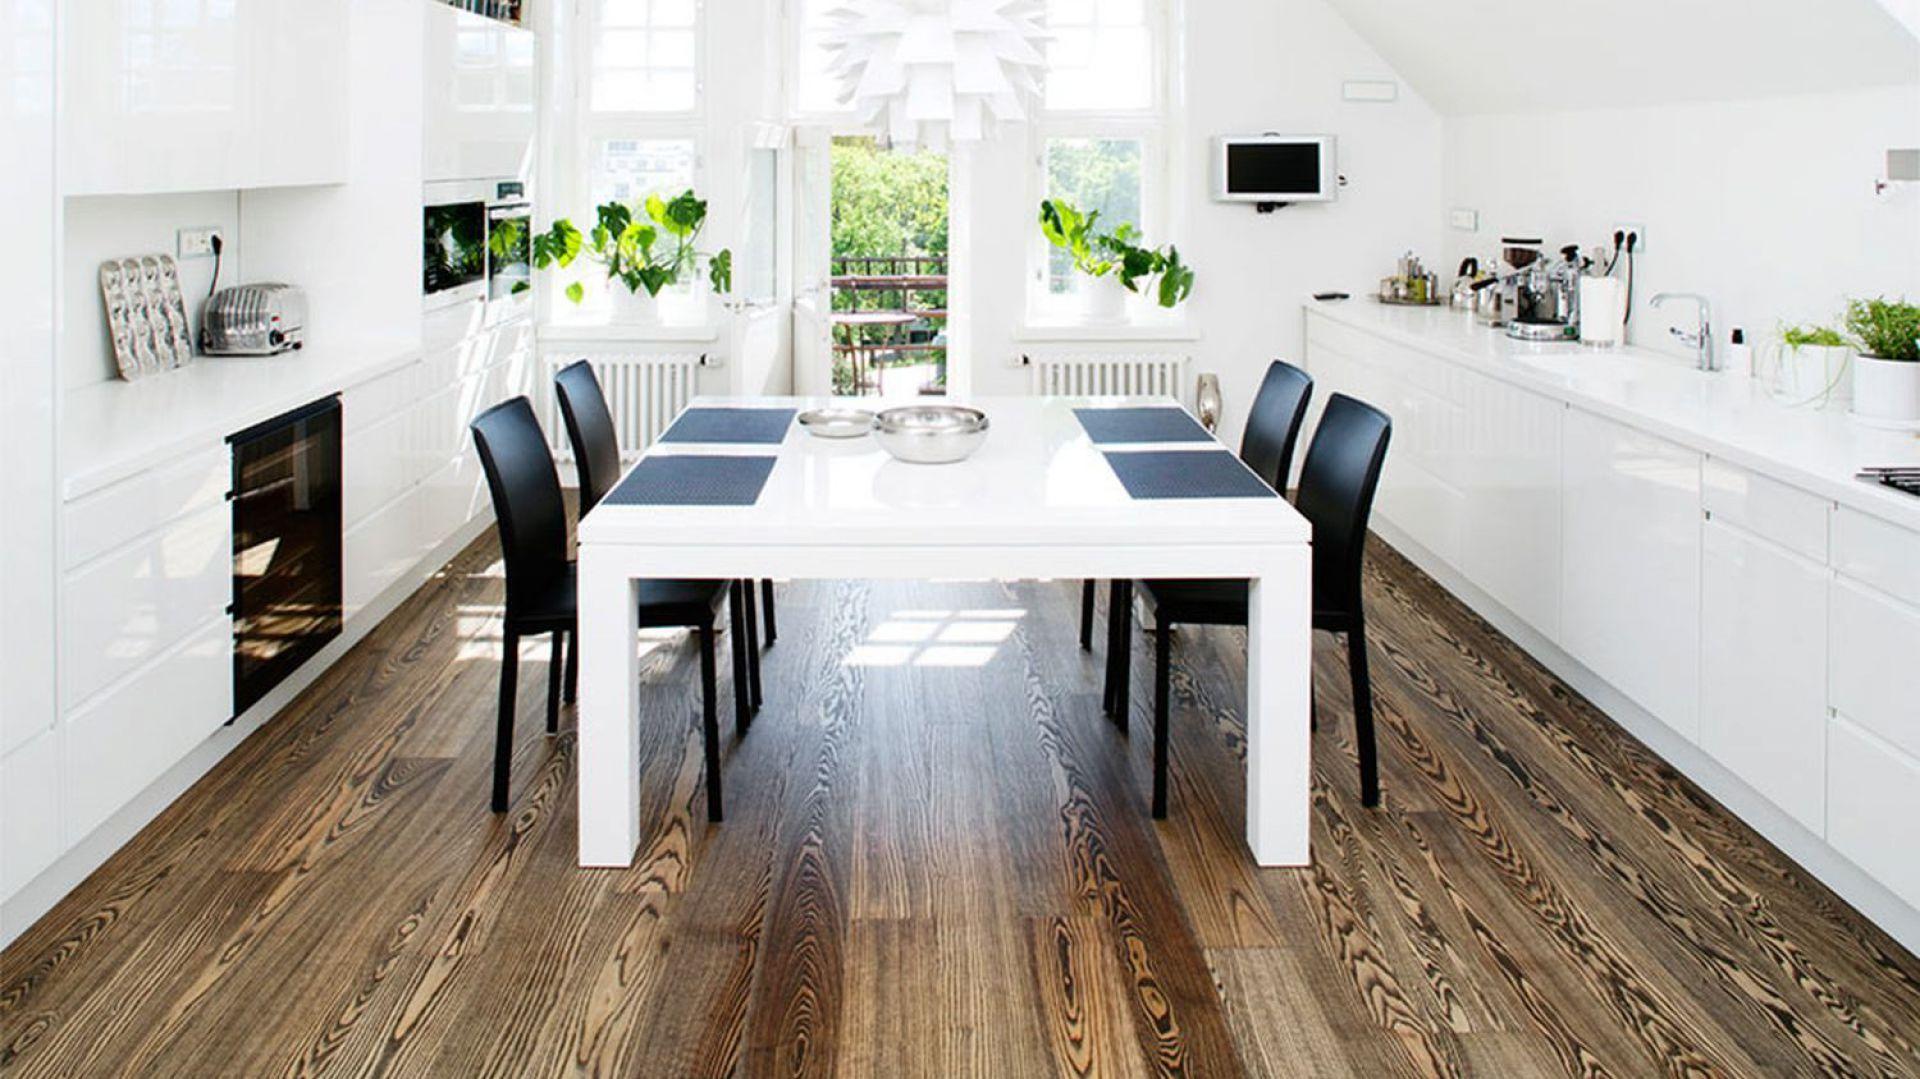 Szczotkowana podłoga wykonana z drewna jesionu. Bardzo bogata kolorystycznie. Wymiary deski: 15x158x2180 mm. 327 zł/m2, Timberwise.